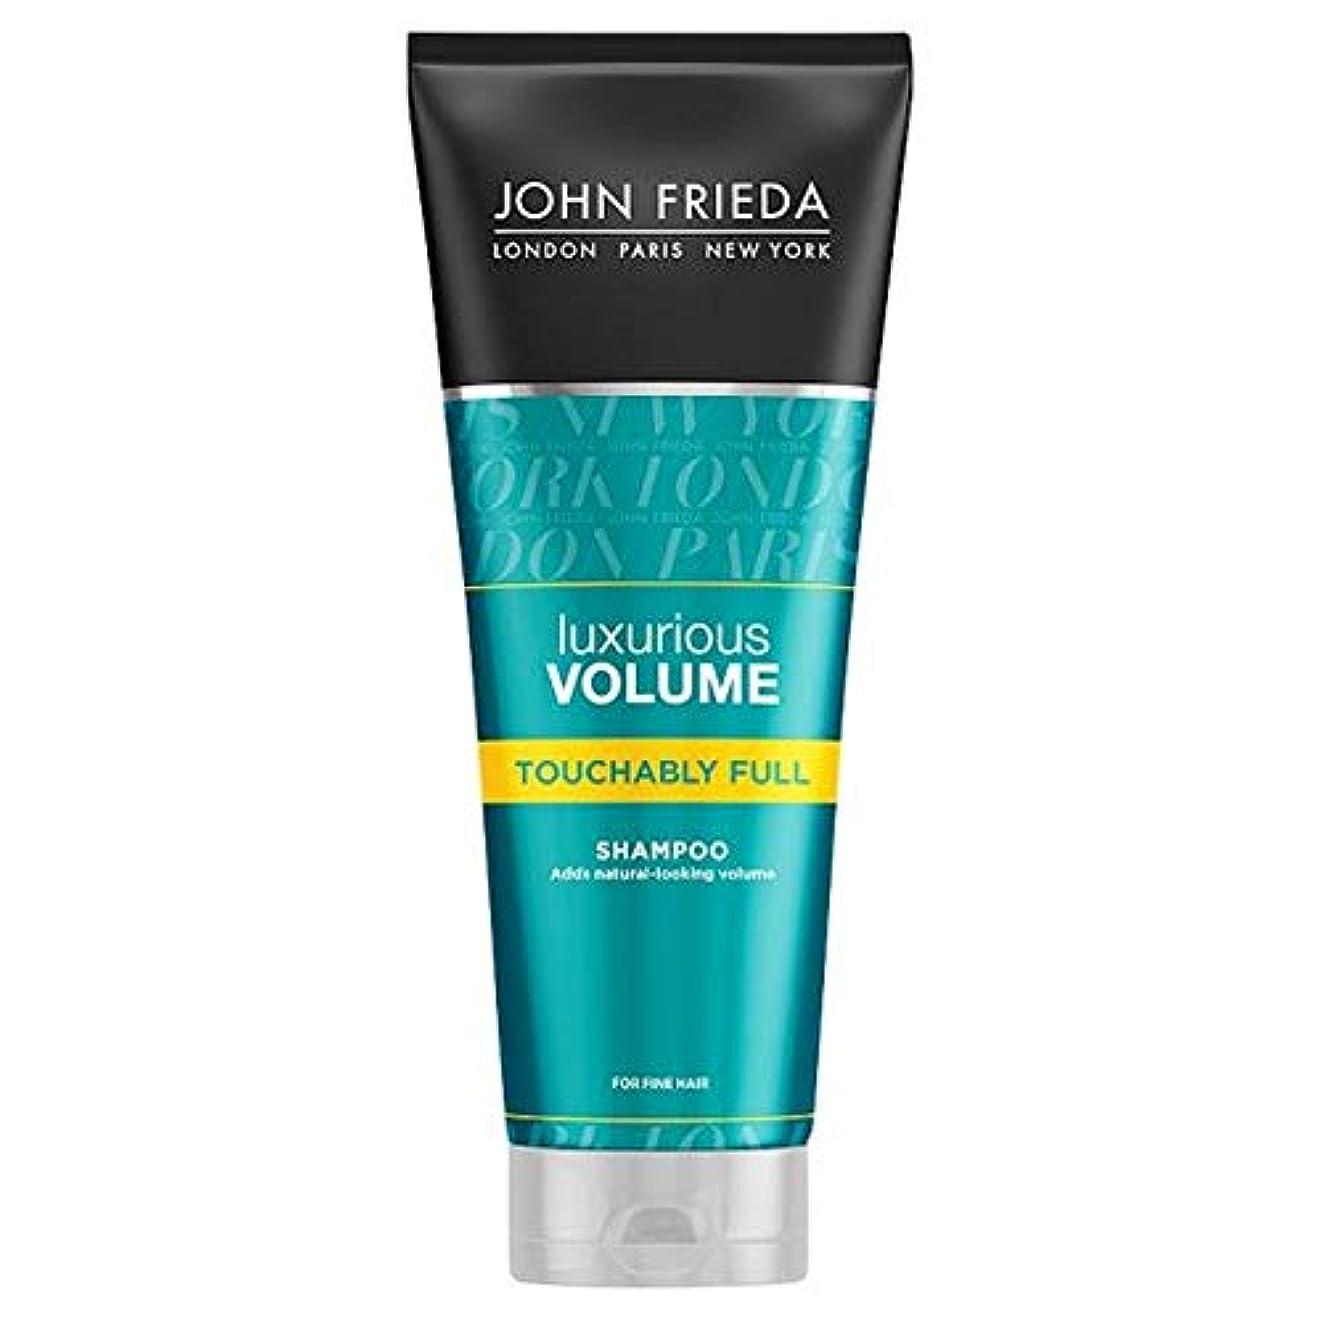 塊かろうじて迫害する[John Frieda ] ジョン?フリーダ贅沢なボリューム7日間ボリュームシャンプー250Ml - John Frieda Luxurious Volume 7 Day Volume Shampoo 250Ml [並行輸入品]